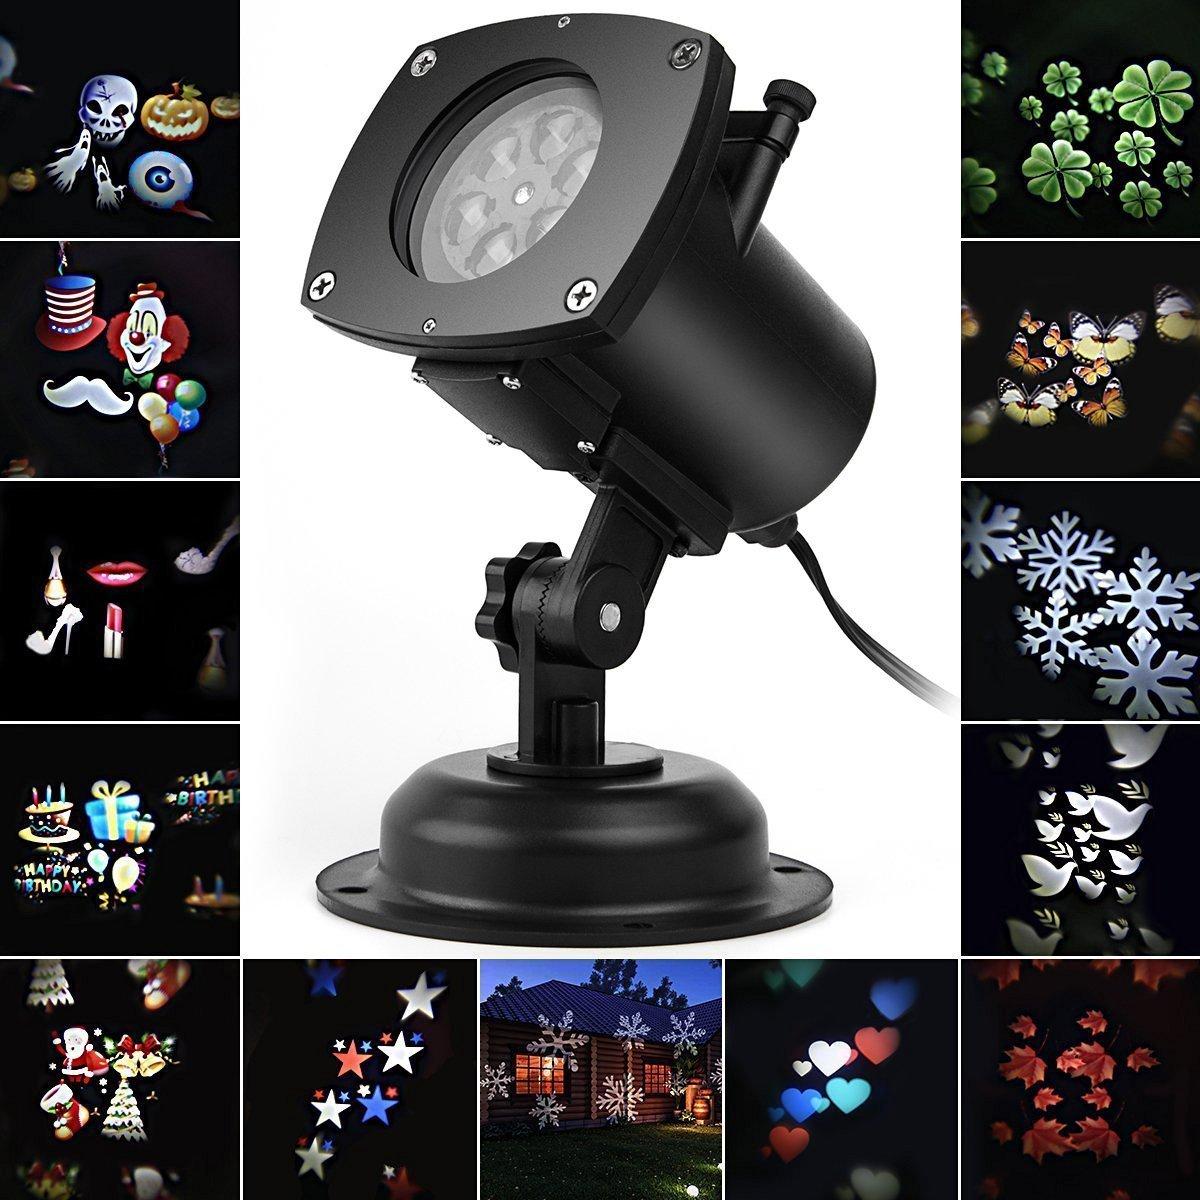 Weihnachten LED Effektlicht, LED Projektor Lichter mit 12 Motiven, dynamisch/statisch, 3 Stufen Geschwindigkeiten, innen/außen IP65 innen/außen IP65 Salcar